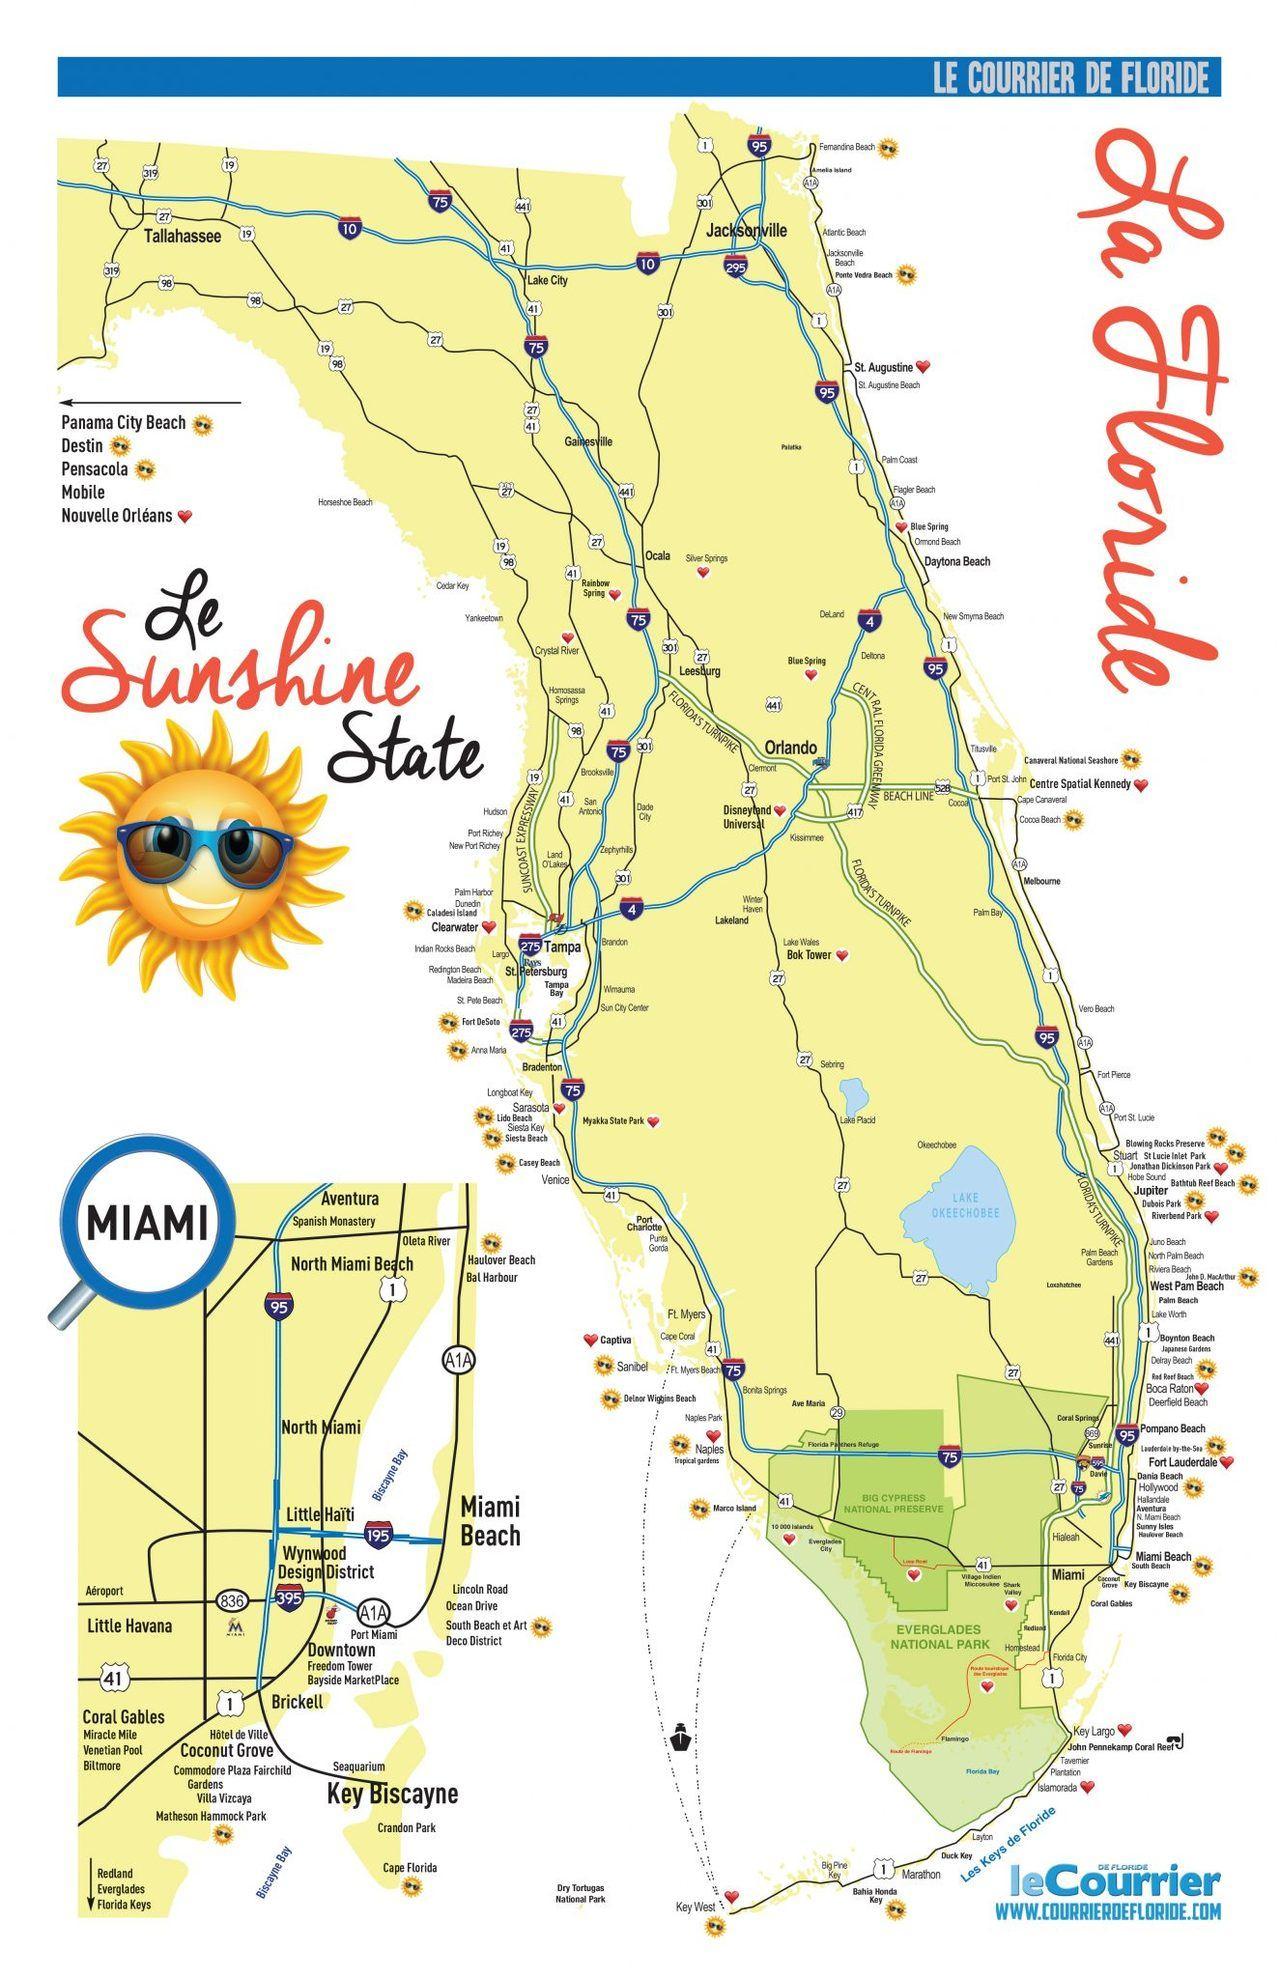 Carte Floride.Carte Floride Tourisme Le Courrier De Floride